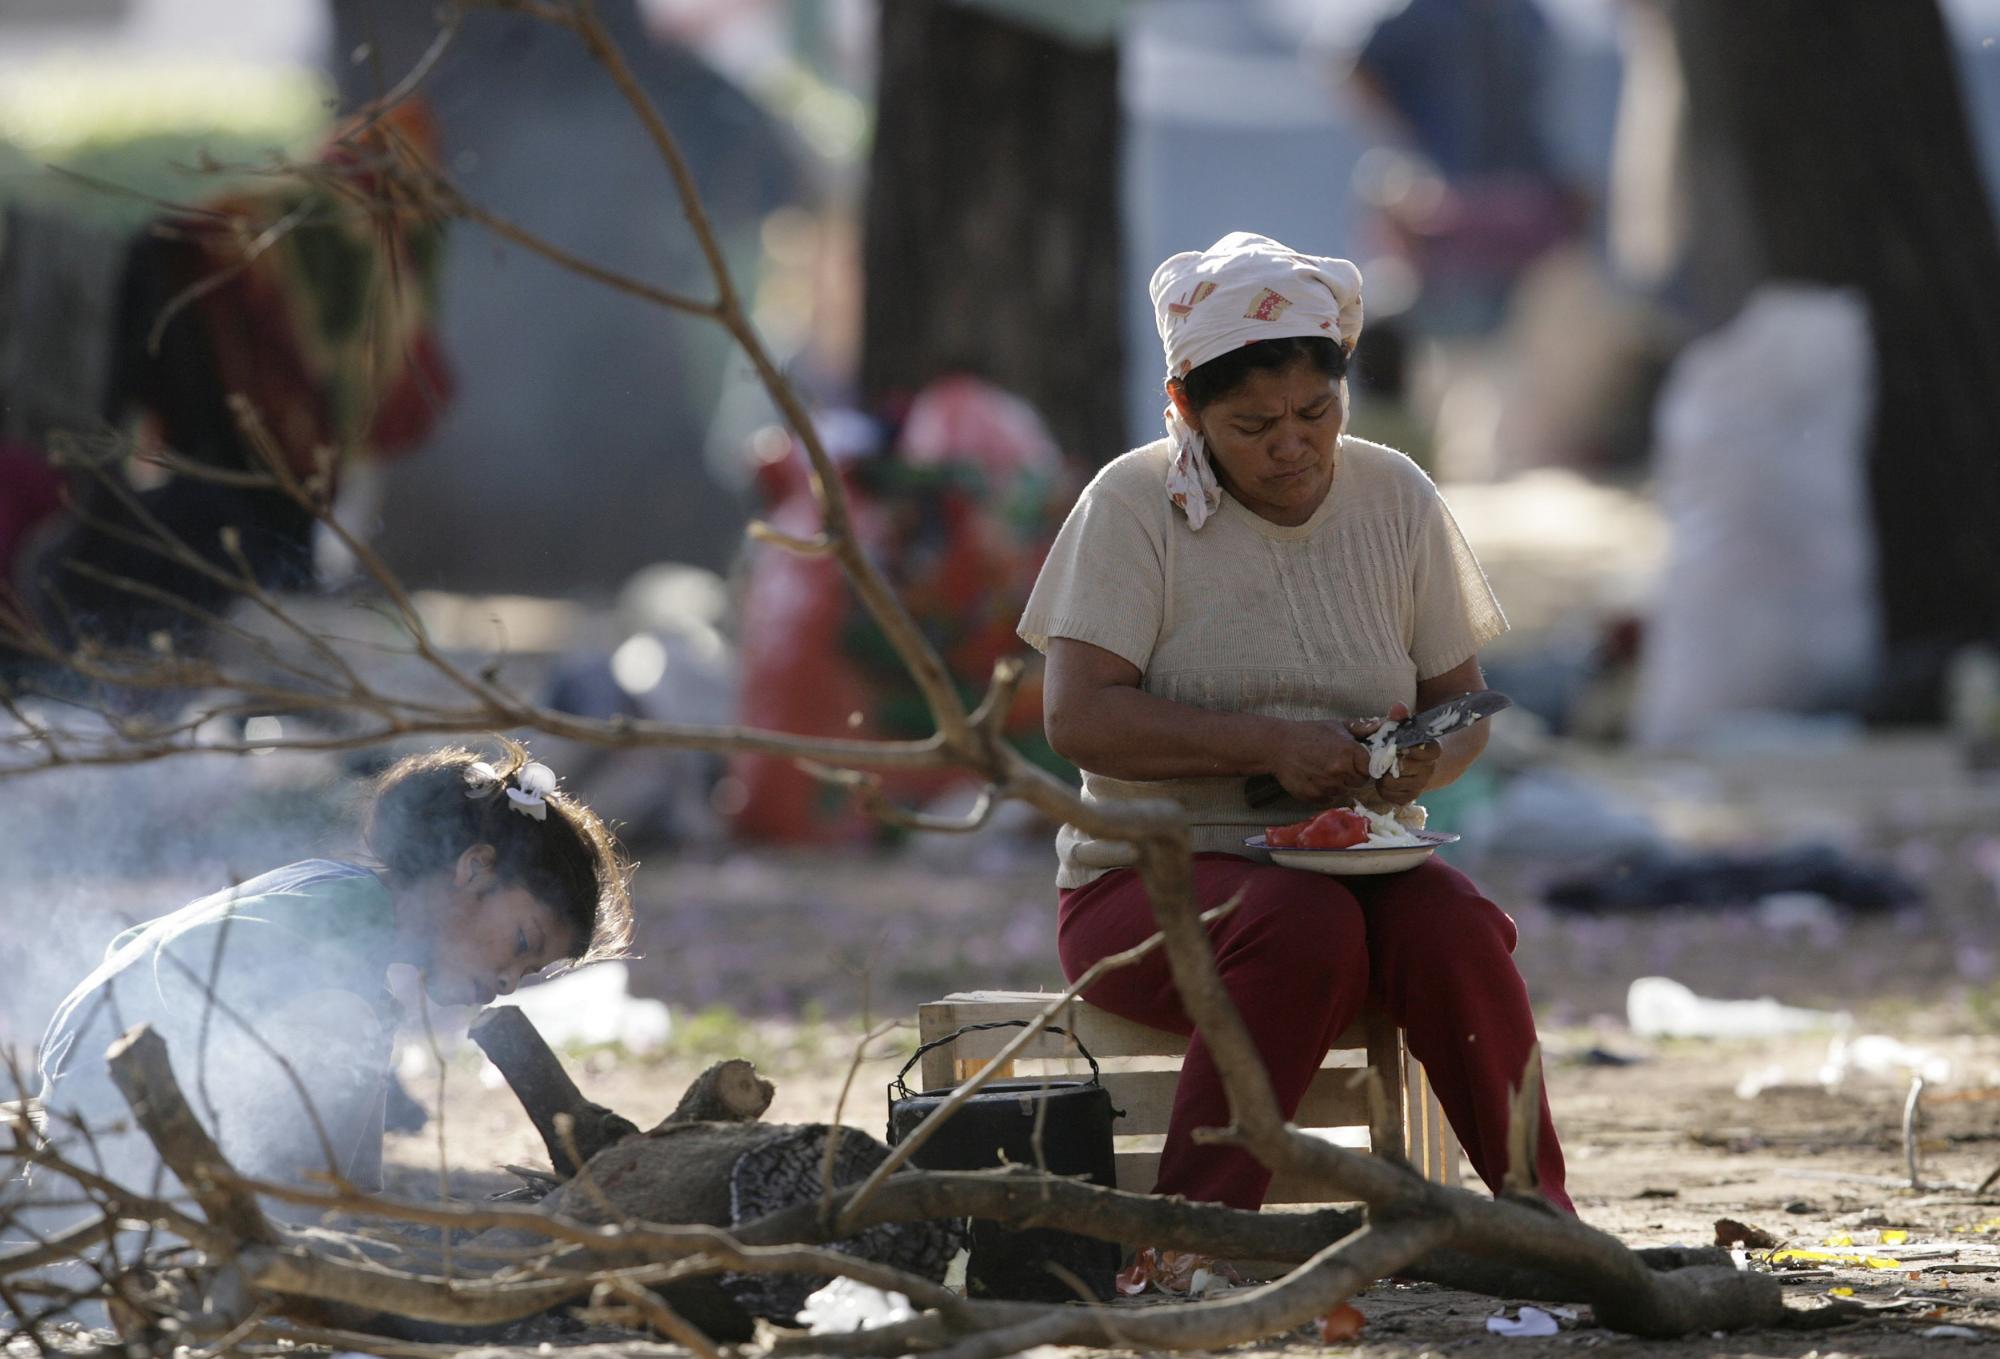 Kina siromaštvo